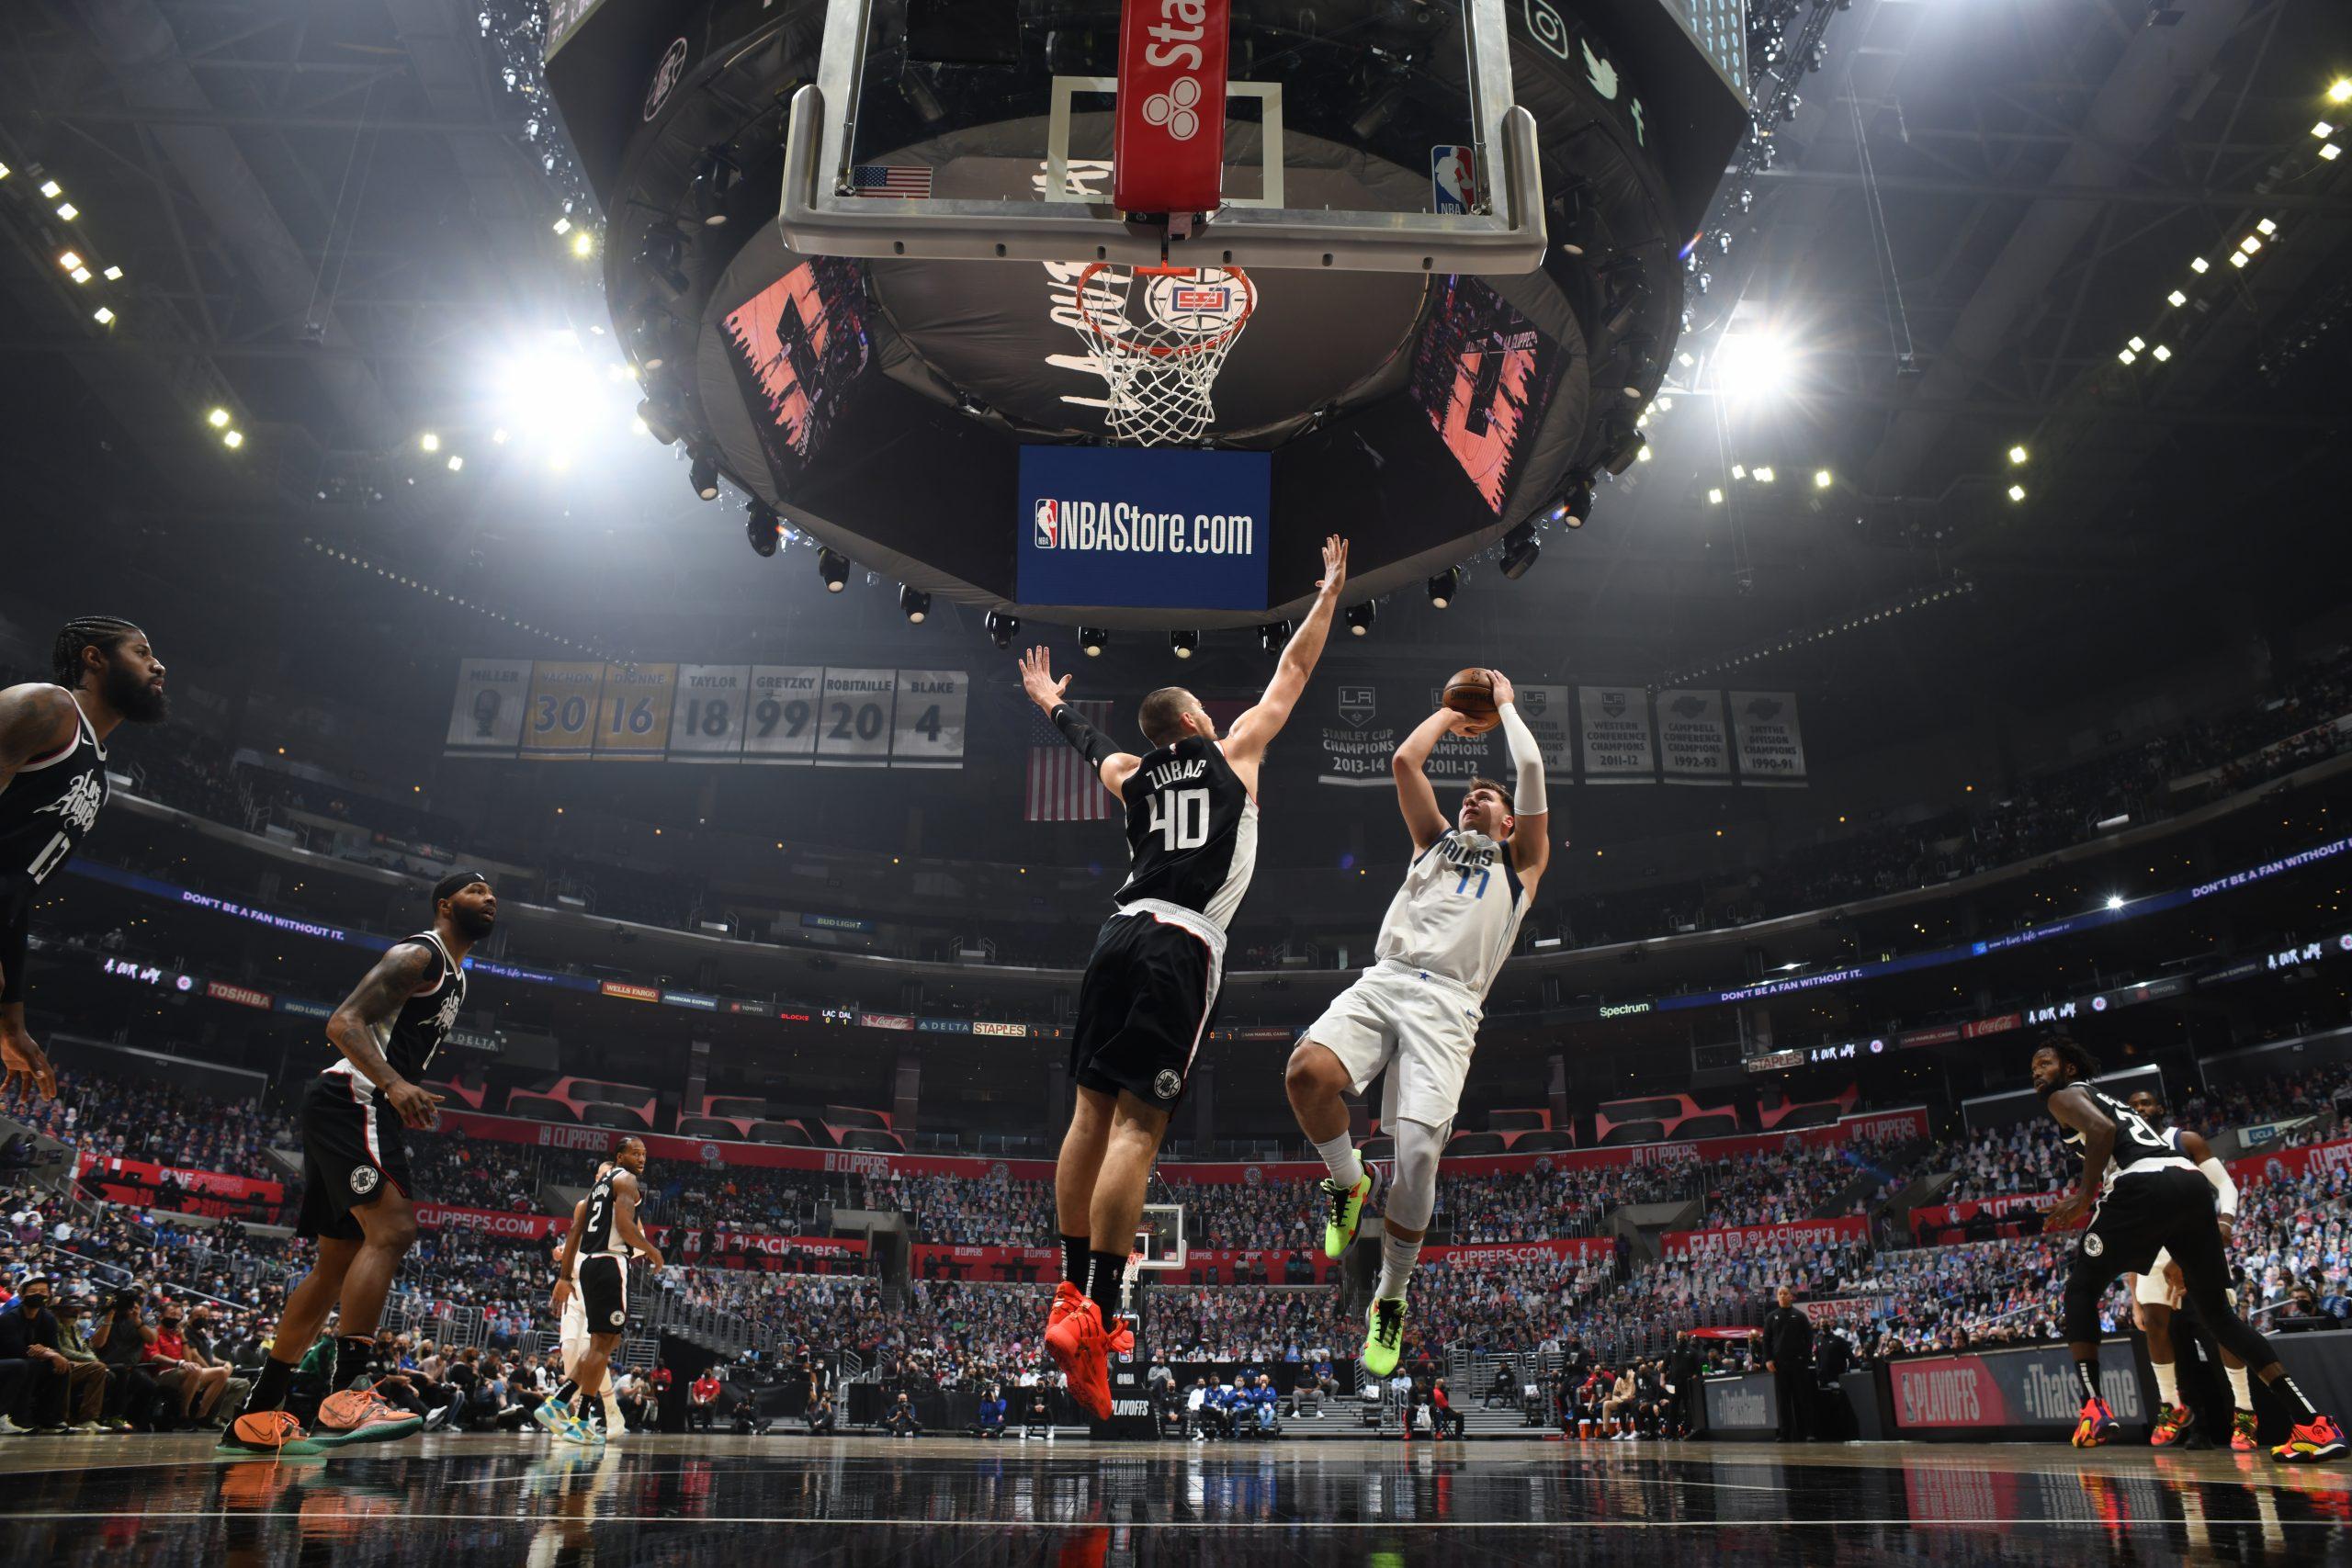 Zapowiedź Playoffs 2021: Philadelphia 76ers vs Washington Wizards